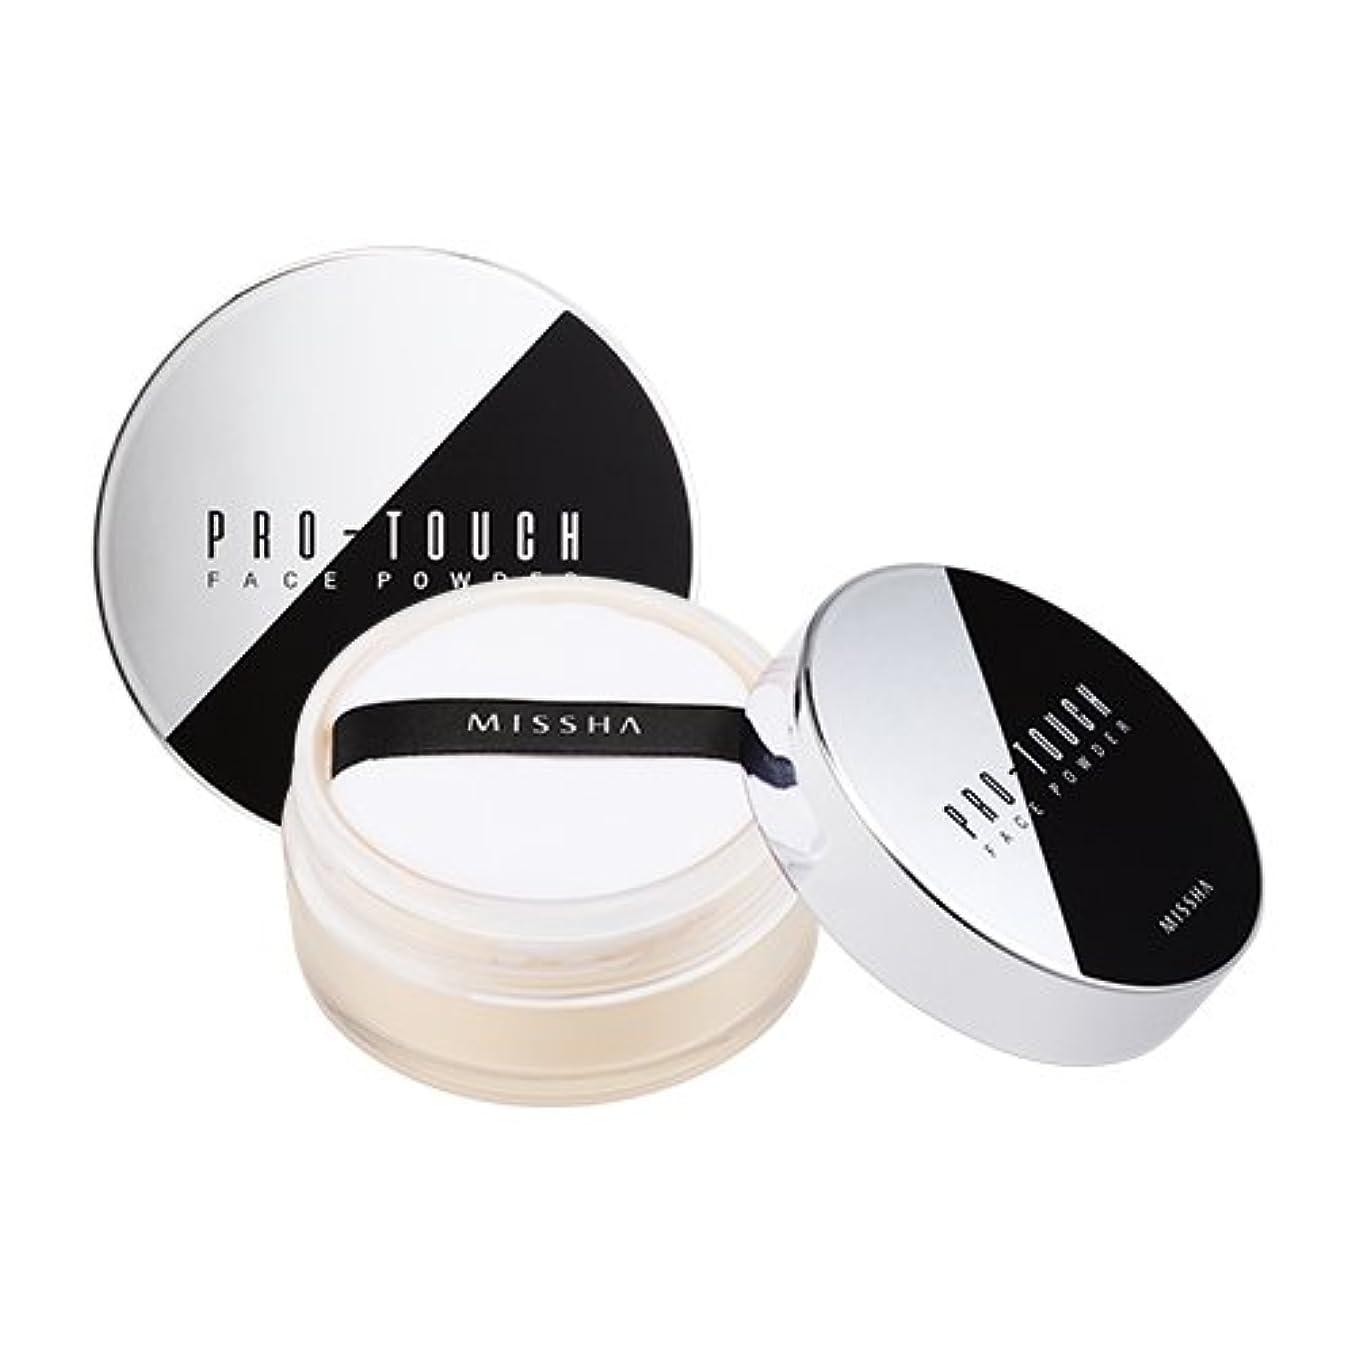 キャベツ水没矩形[New] MISSHA PRO-TOUCH Face Powder (No.23) / ミシャ プロタッチフェイスパウダー (No.23) [並行輸入品]